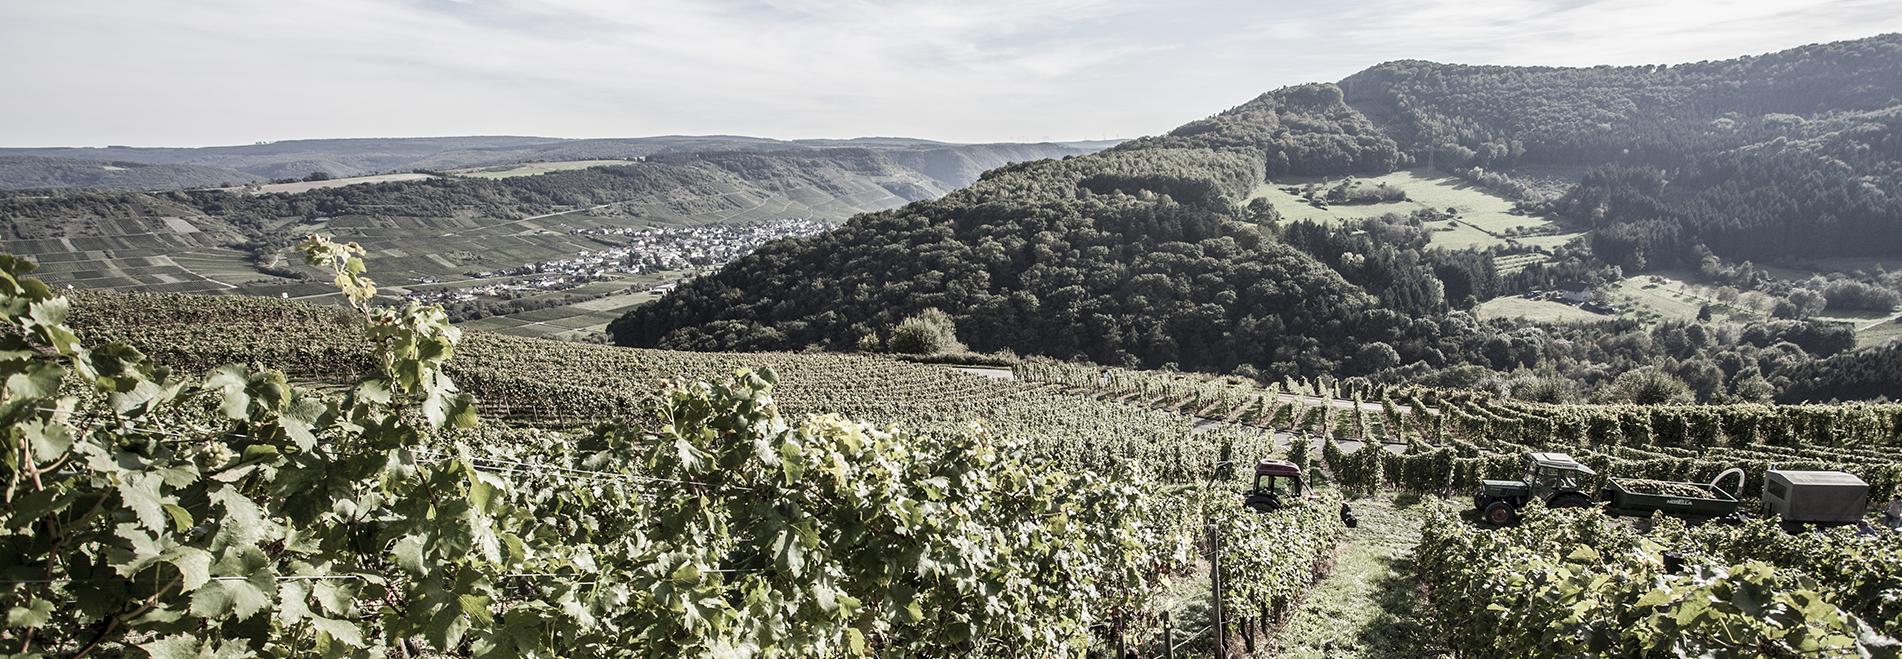 Der Blick von oben ins Moseltal über die reichlich bestellten Weinberge auf die gegenüberliegenden Hügel